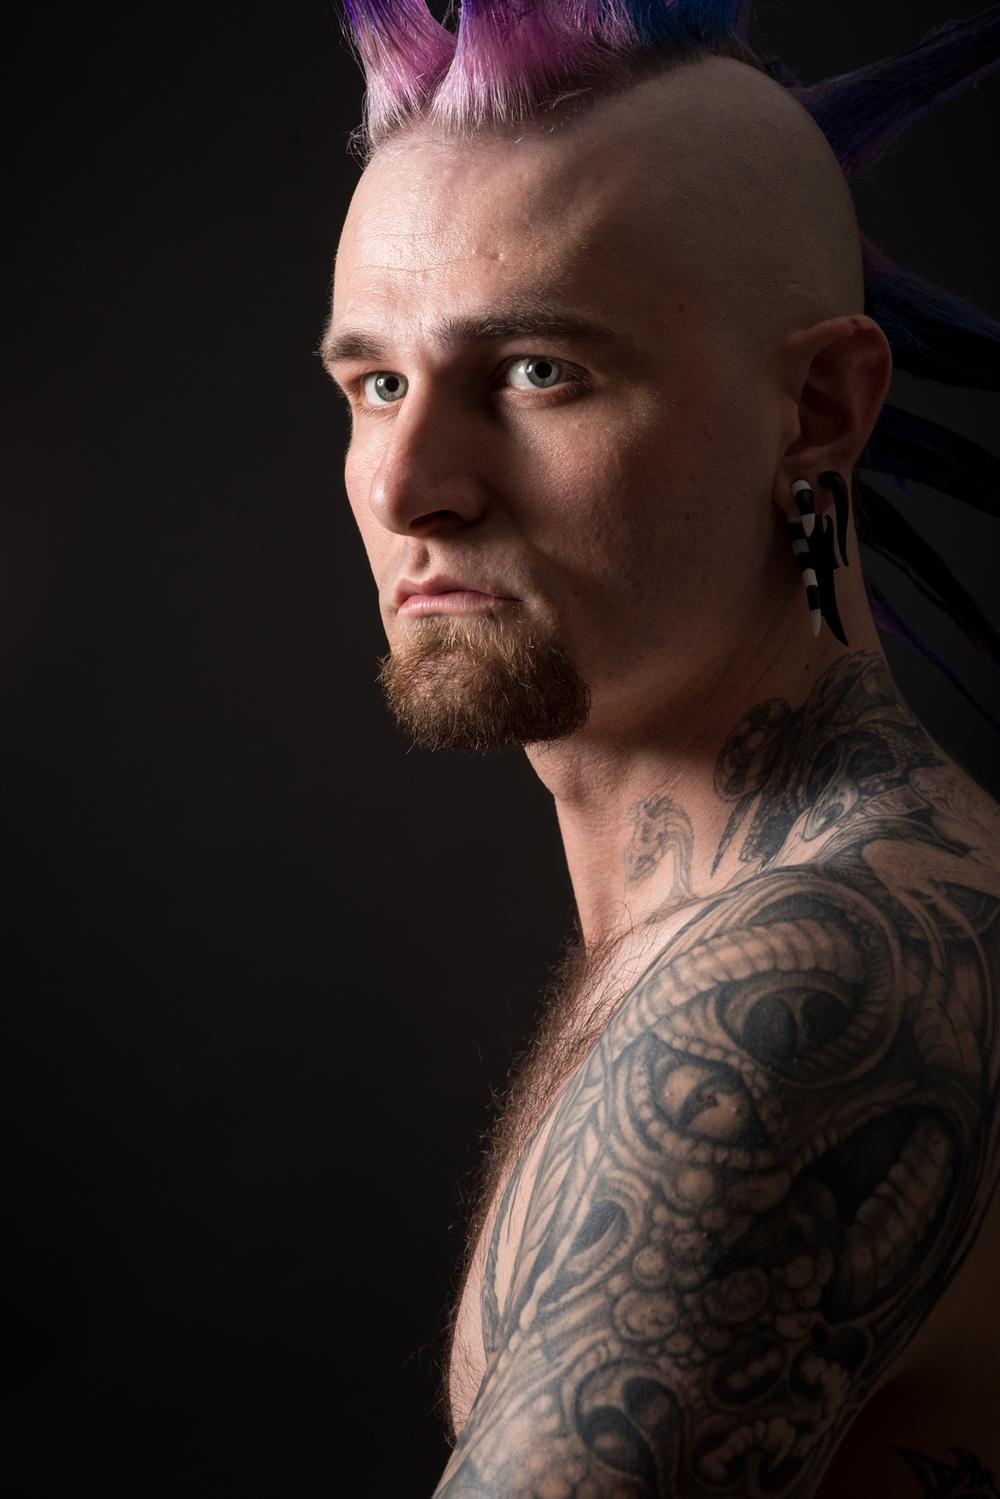 Michael Young, Portrait 1 Class